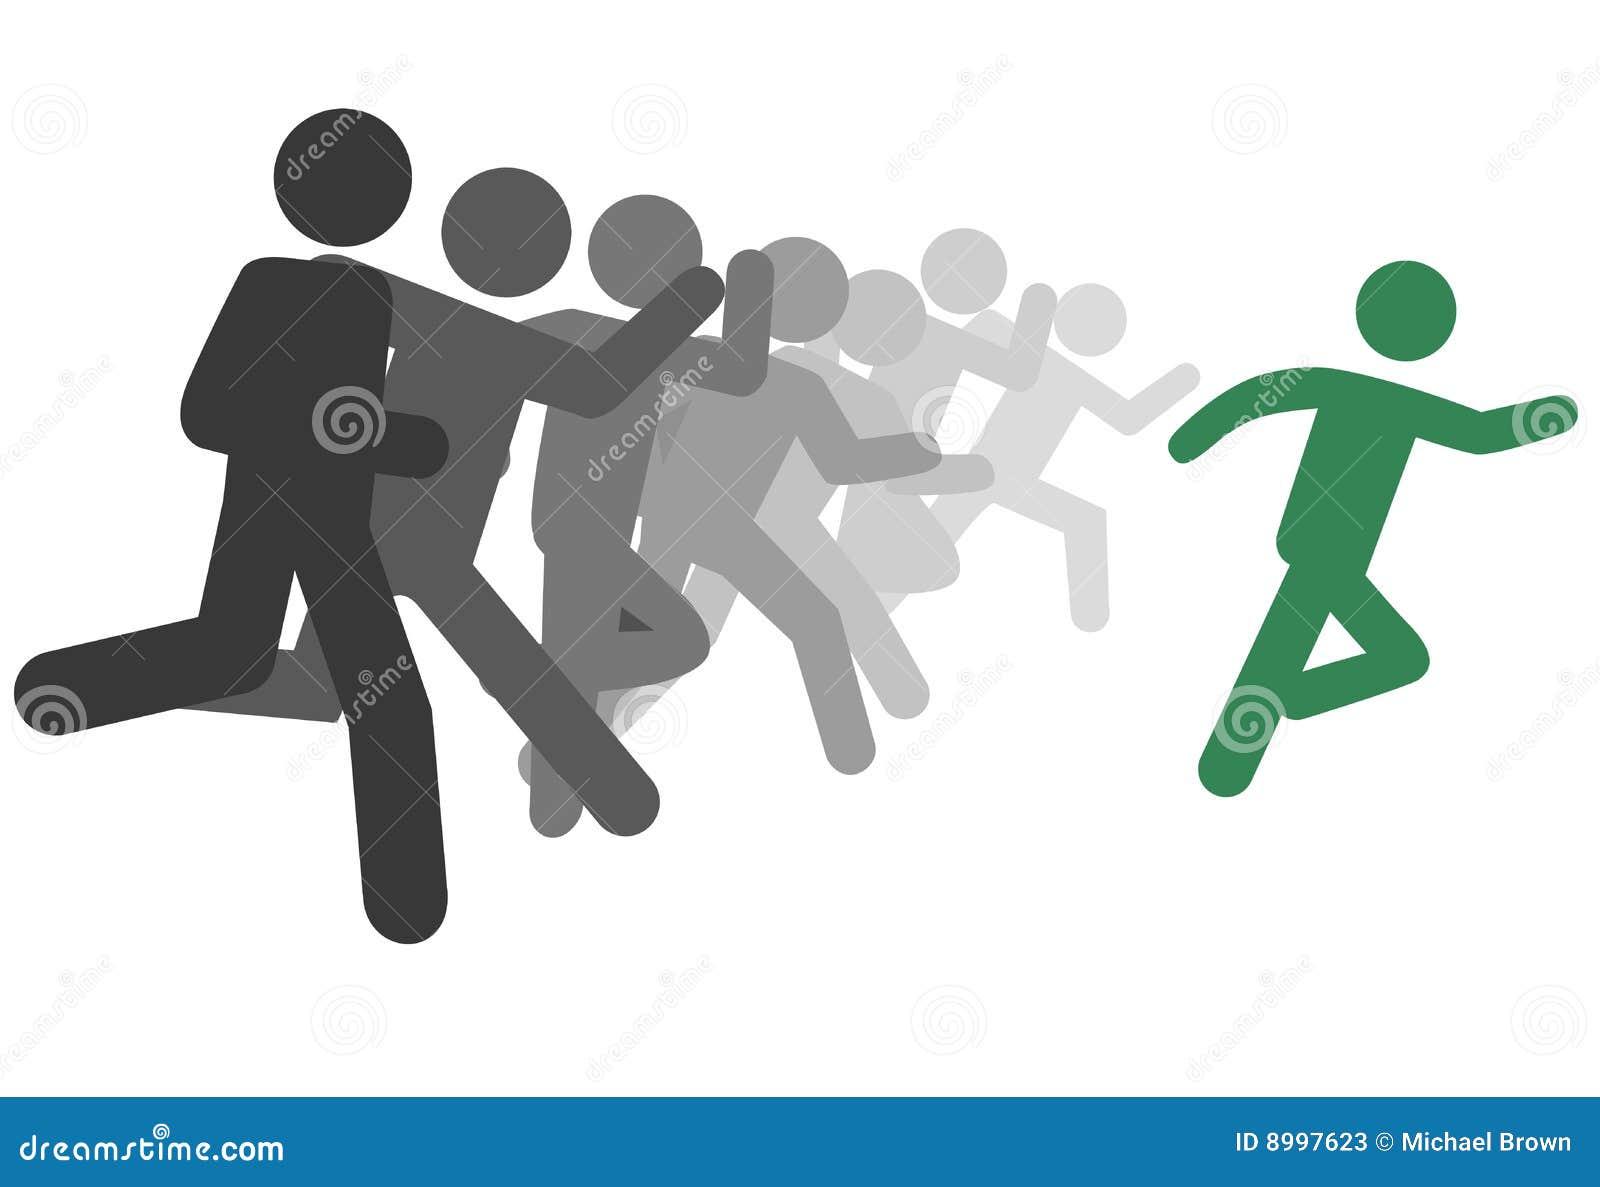 El hombre y la gente del símbolo funcionan con una carrera o los terminales de componente del arranque de cinta